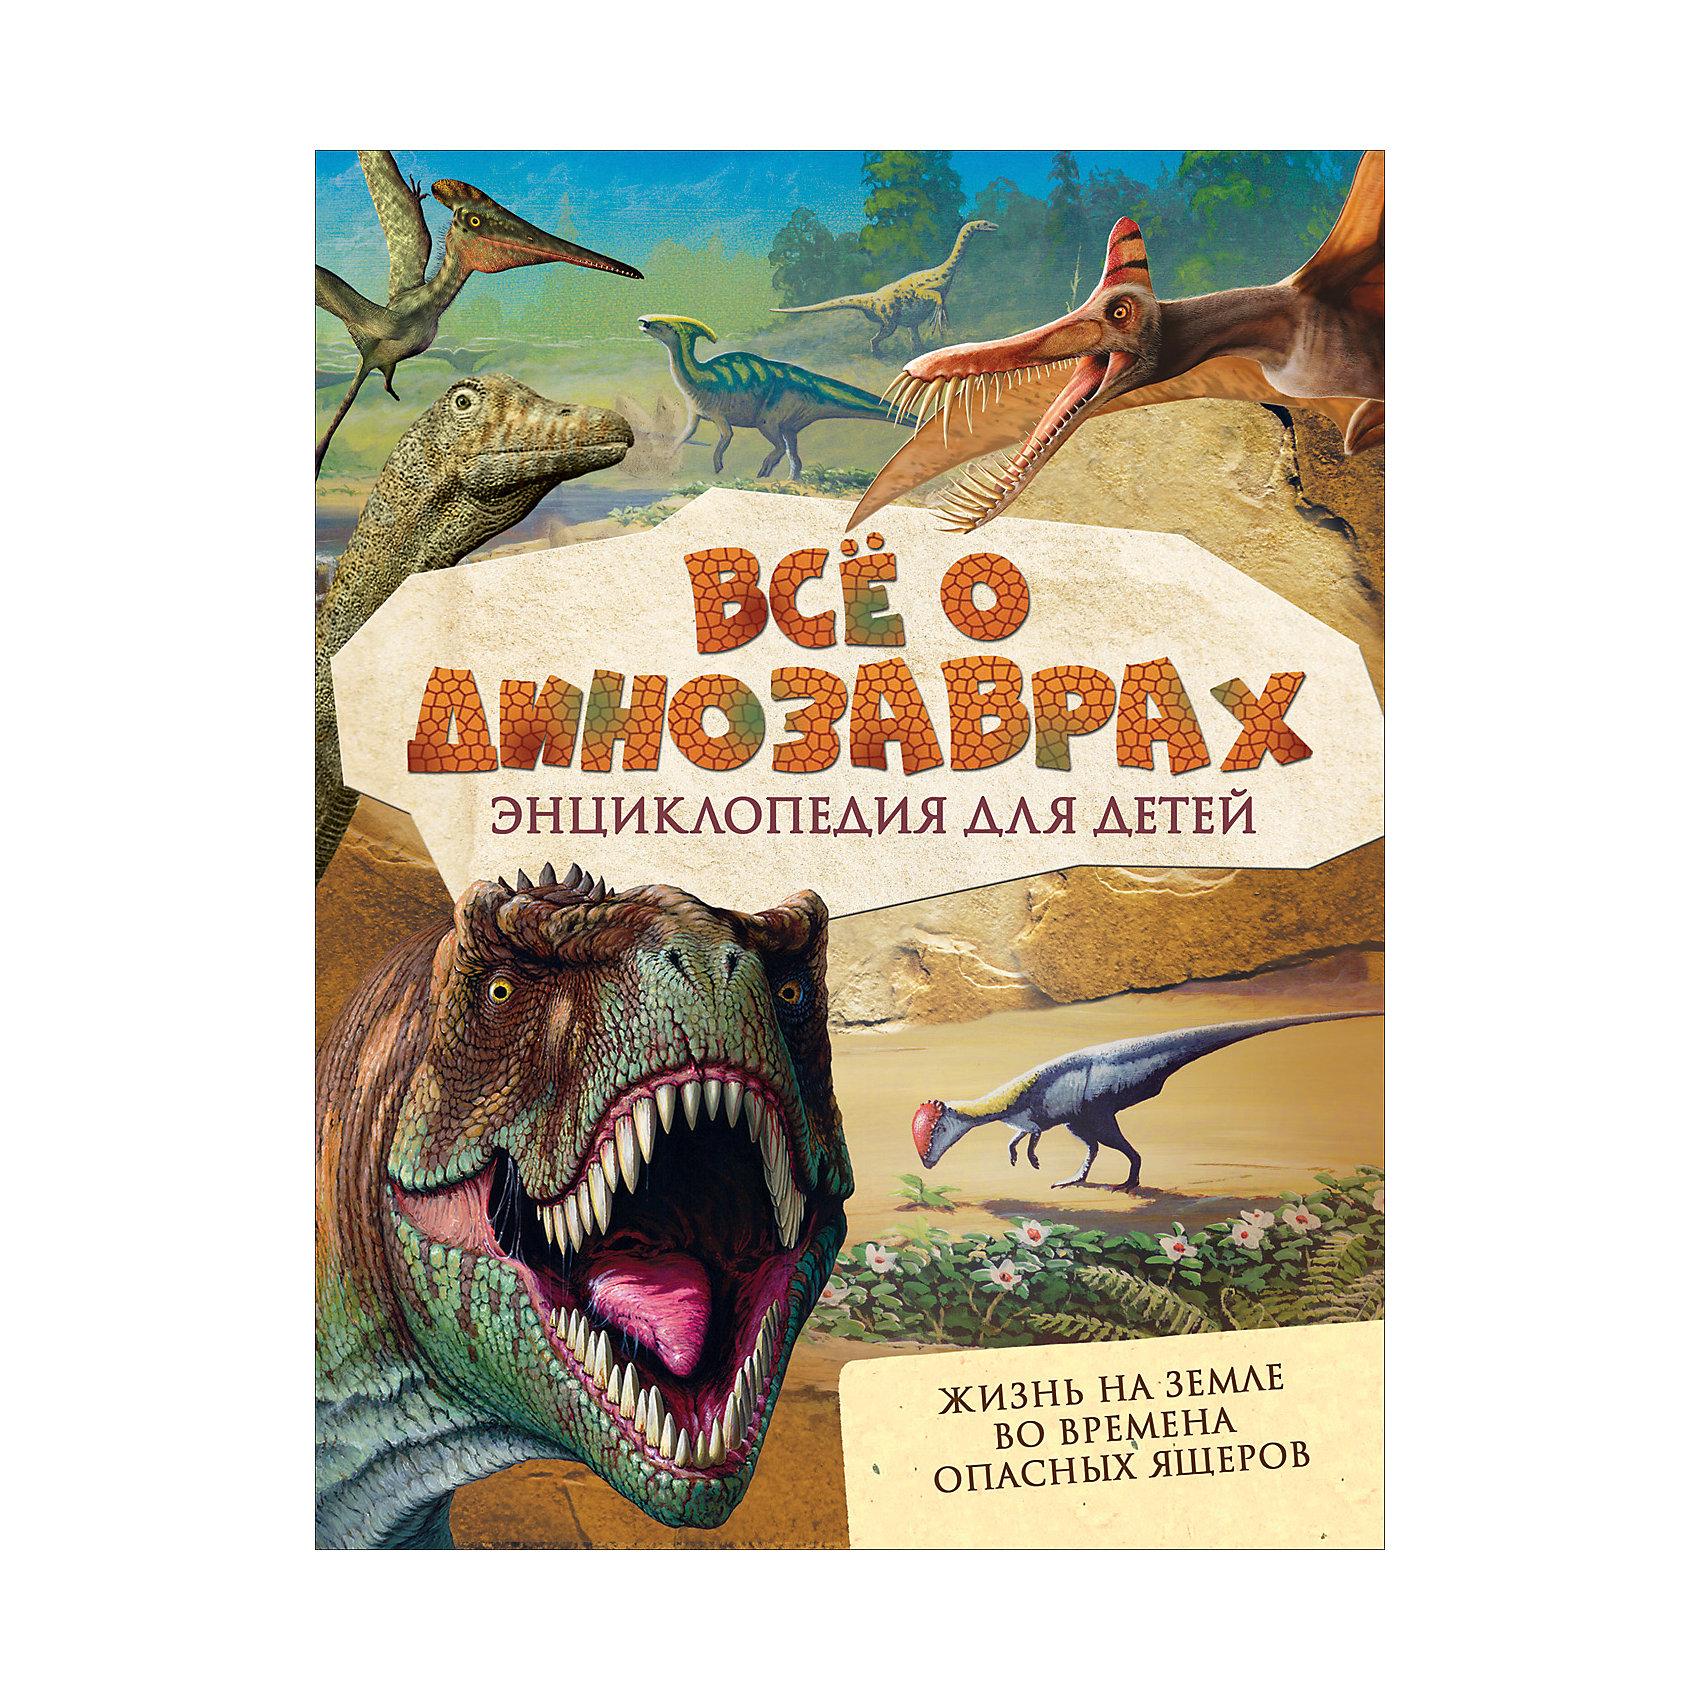 Энциклопедия Всё о динозаврахДетские энциклопедии<br>Книга Всё о динозаврах<br><br>Характеристики:<br><br>• ISBN: 9785353082699<br>• Количество страниц: 128<br>• Формат: А4   <br>• Обложка: твердая <br><br>Эта книга расскажет вашему ребенку  о том, какой была жизнь на нашей планете до появления человека. Из нее ваш ребенок сможет узнать о том, как выглядели обитатели Земли 150 миллионов лет назад, чем они питались и почему вымерли, уступив место другим видам. Книга снабжена красочными иллюстрациями, которые смогут заинтересовать детей.<br><br>Книга Всё о динозаврах можно купить в нашем интернет-магазине.<br><br>Ширина мм: 285<br>Глубина мм: 220<br>Высота мм: 150<br>Вес г: 583<br>Возраст от месяцев: 60<br>Возраст до месяцев: 2147483647<br>Пол: Унисекс<br>Возраст: Детский<br>SKU: 5507100